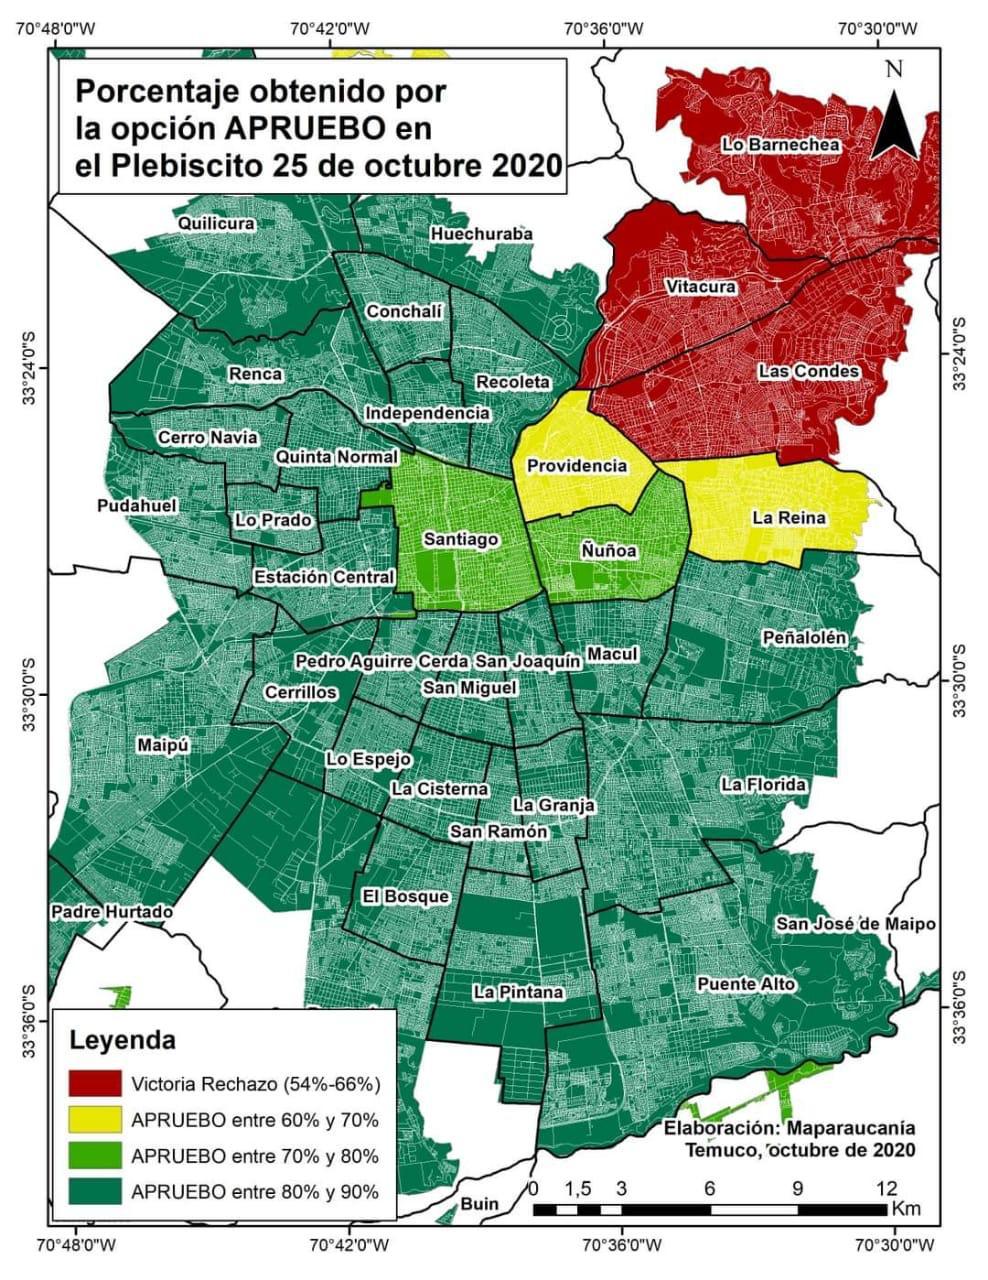 Porcentajes obtenidos por la opción Apruebo en las distintas comunas que componen el Gran Santiago. Fuente: MapAraucanía.